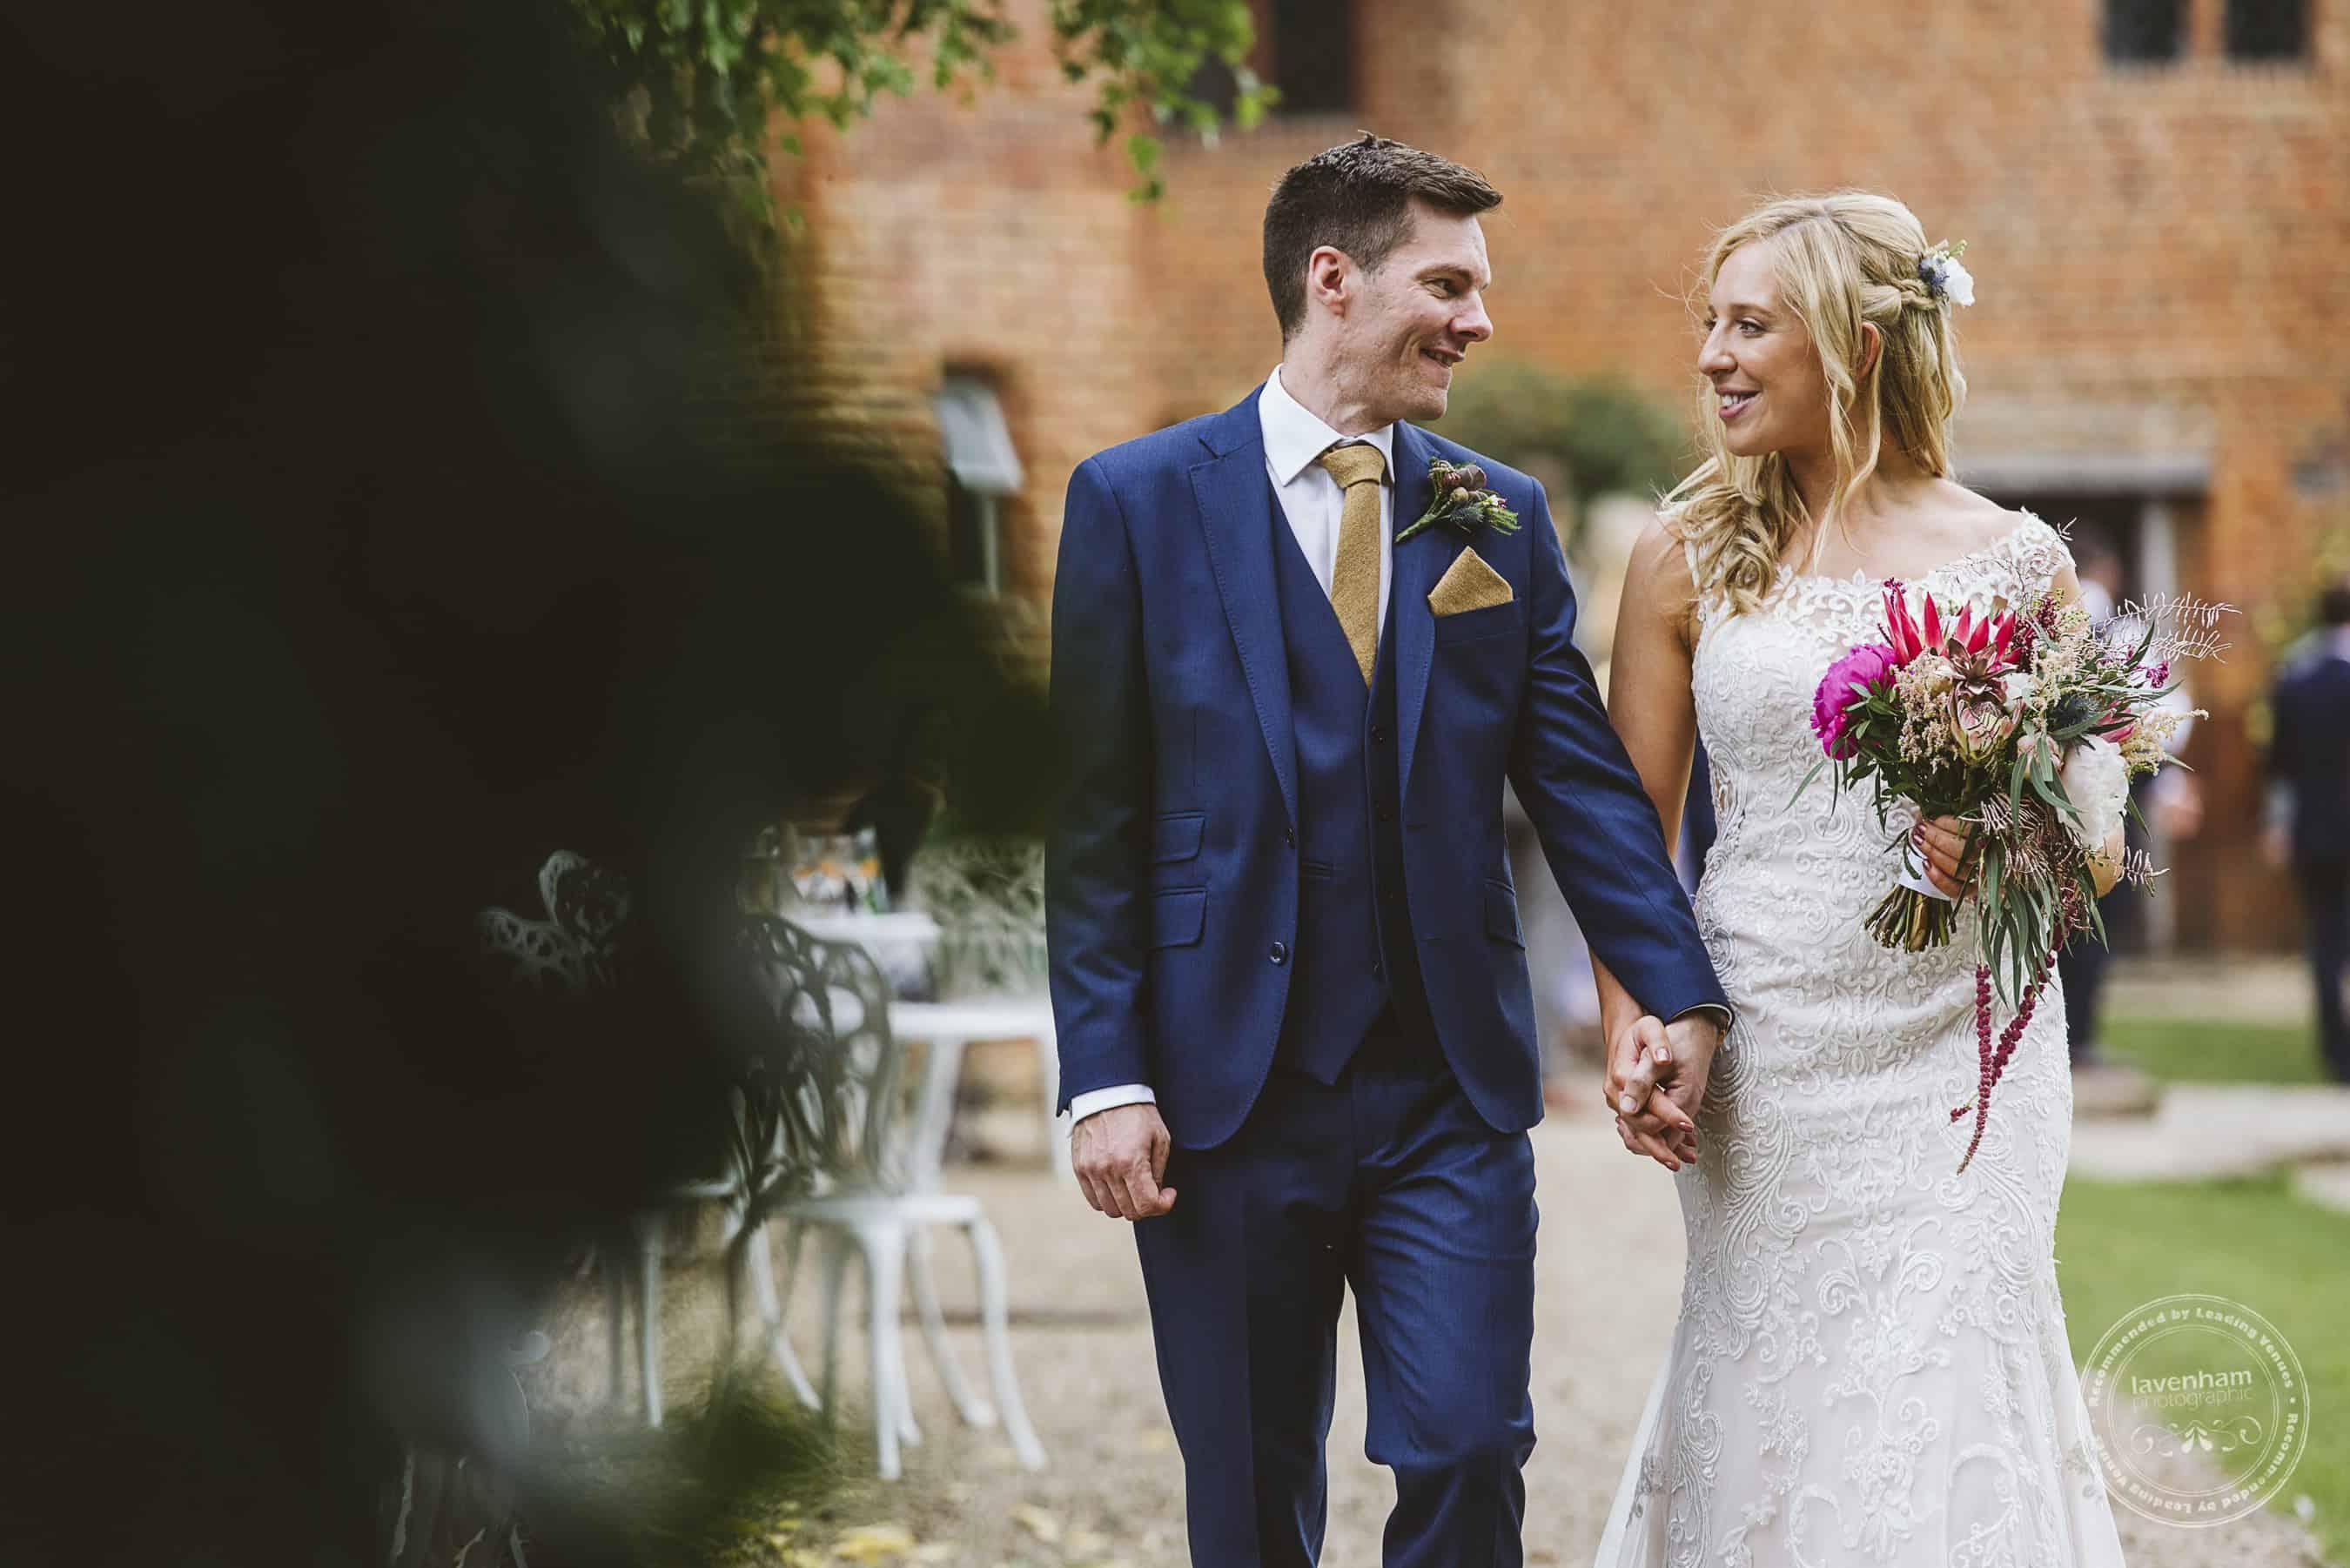 020618 Leez Priory Wedding Photography Lavenham Photographic 092